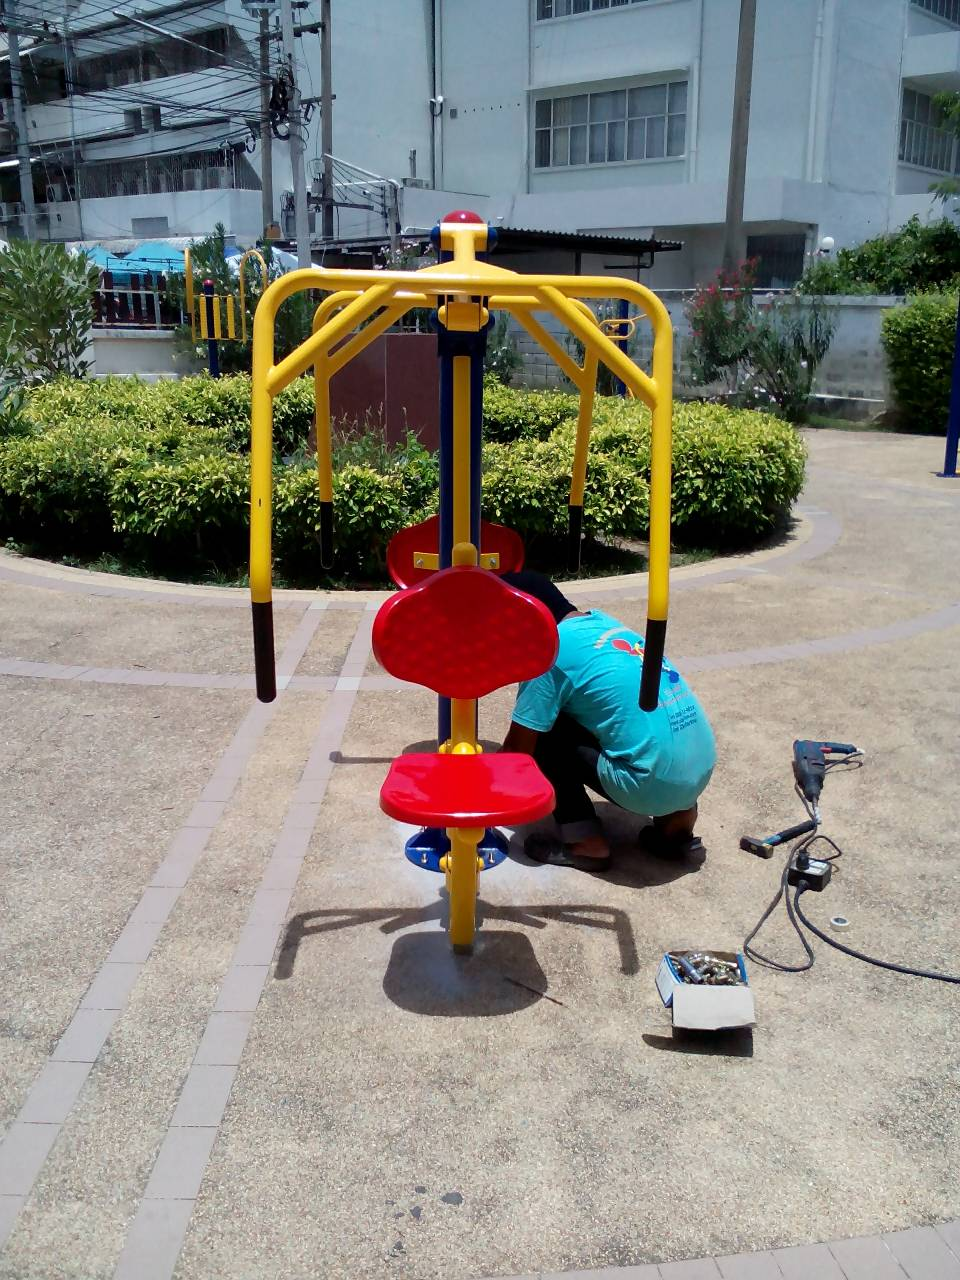 รหัส OUL ผลงานติดตั้ง (สวนสาธารณะเทศบาลเมืองปทุมธานี) เครื่องออกกำลังกายกลางแจ้ง